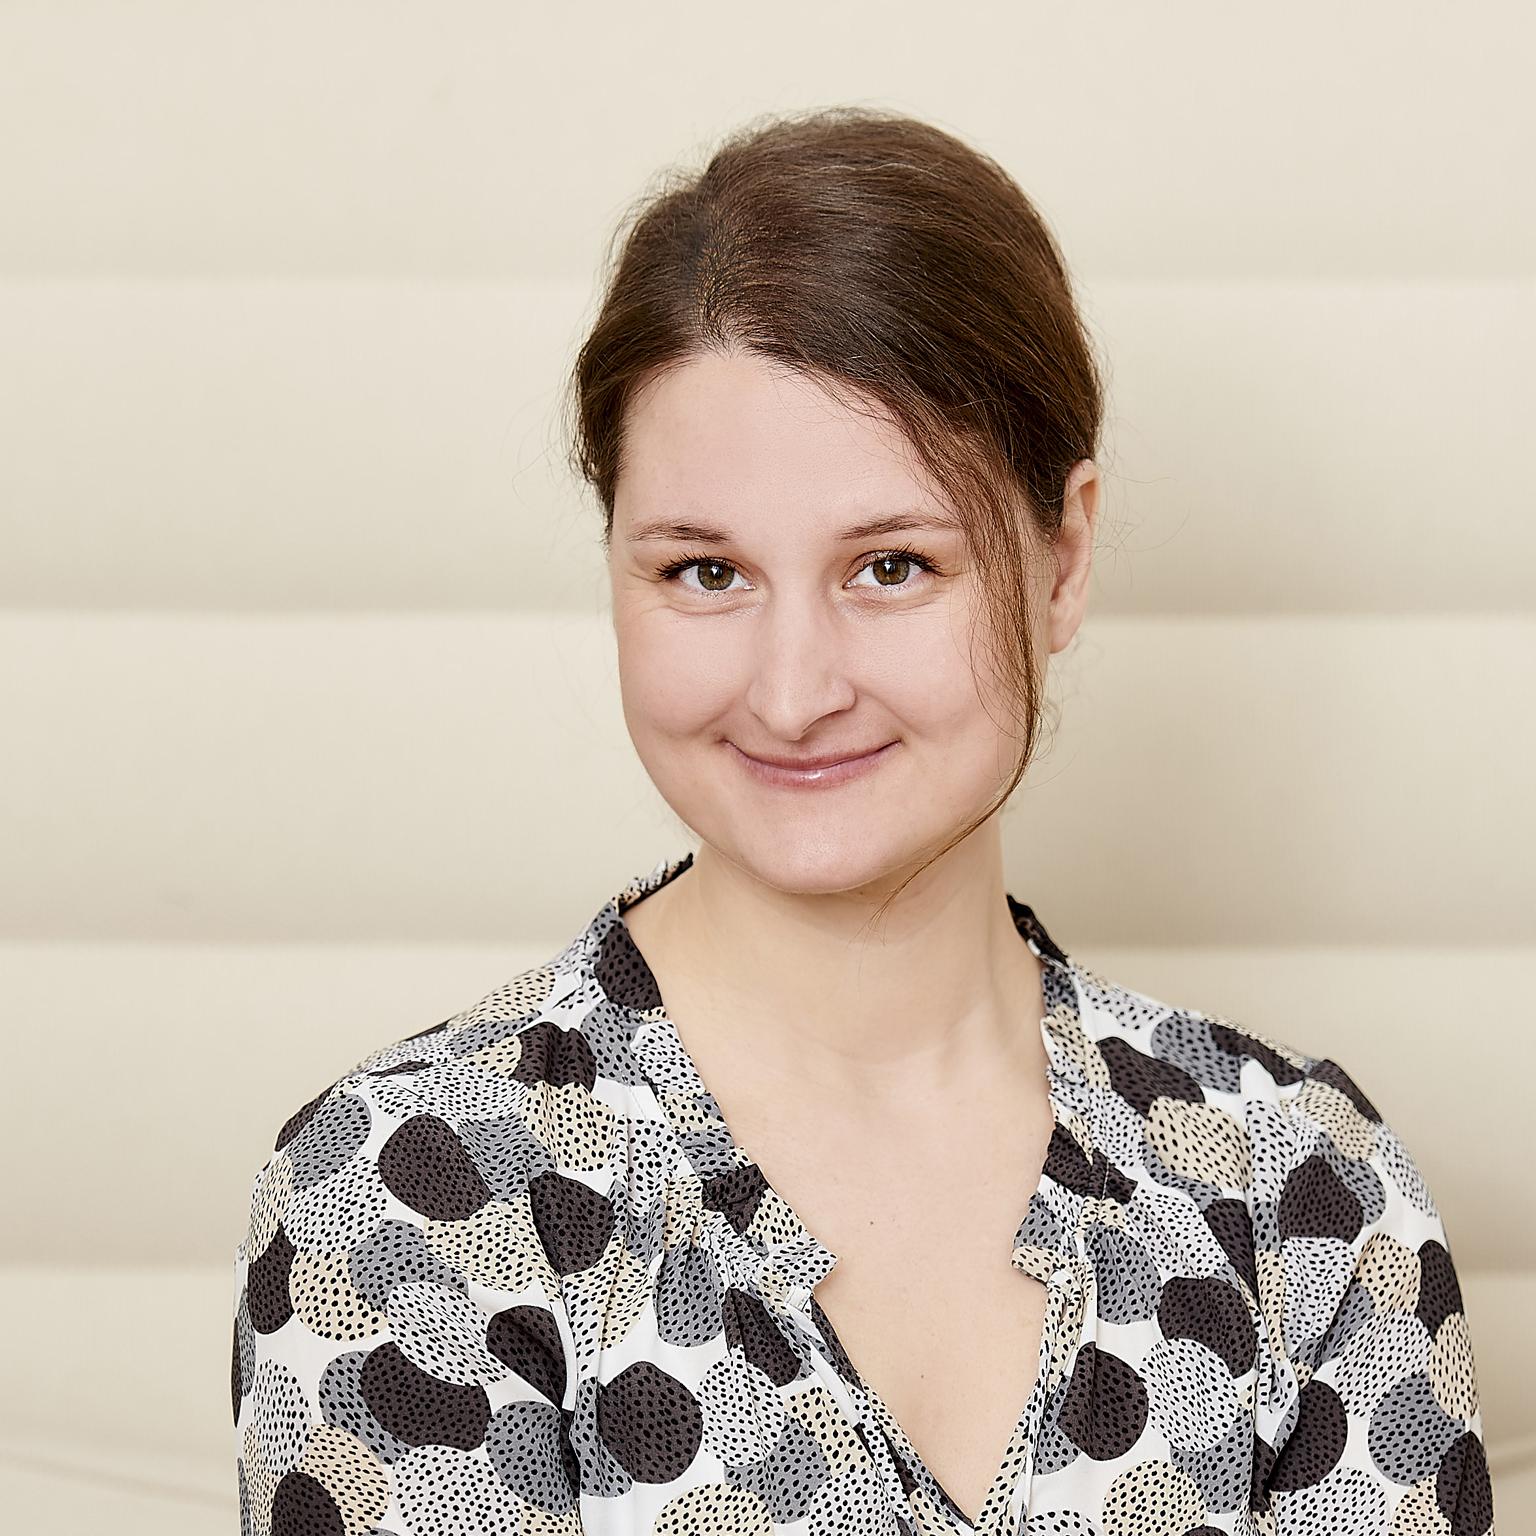 Linda Janauer